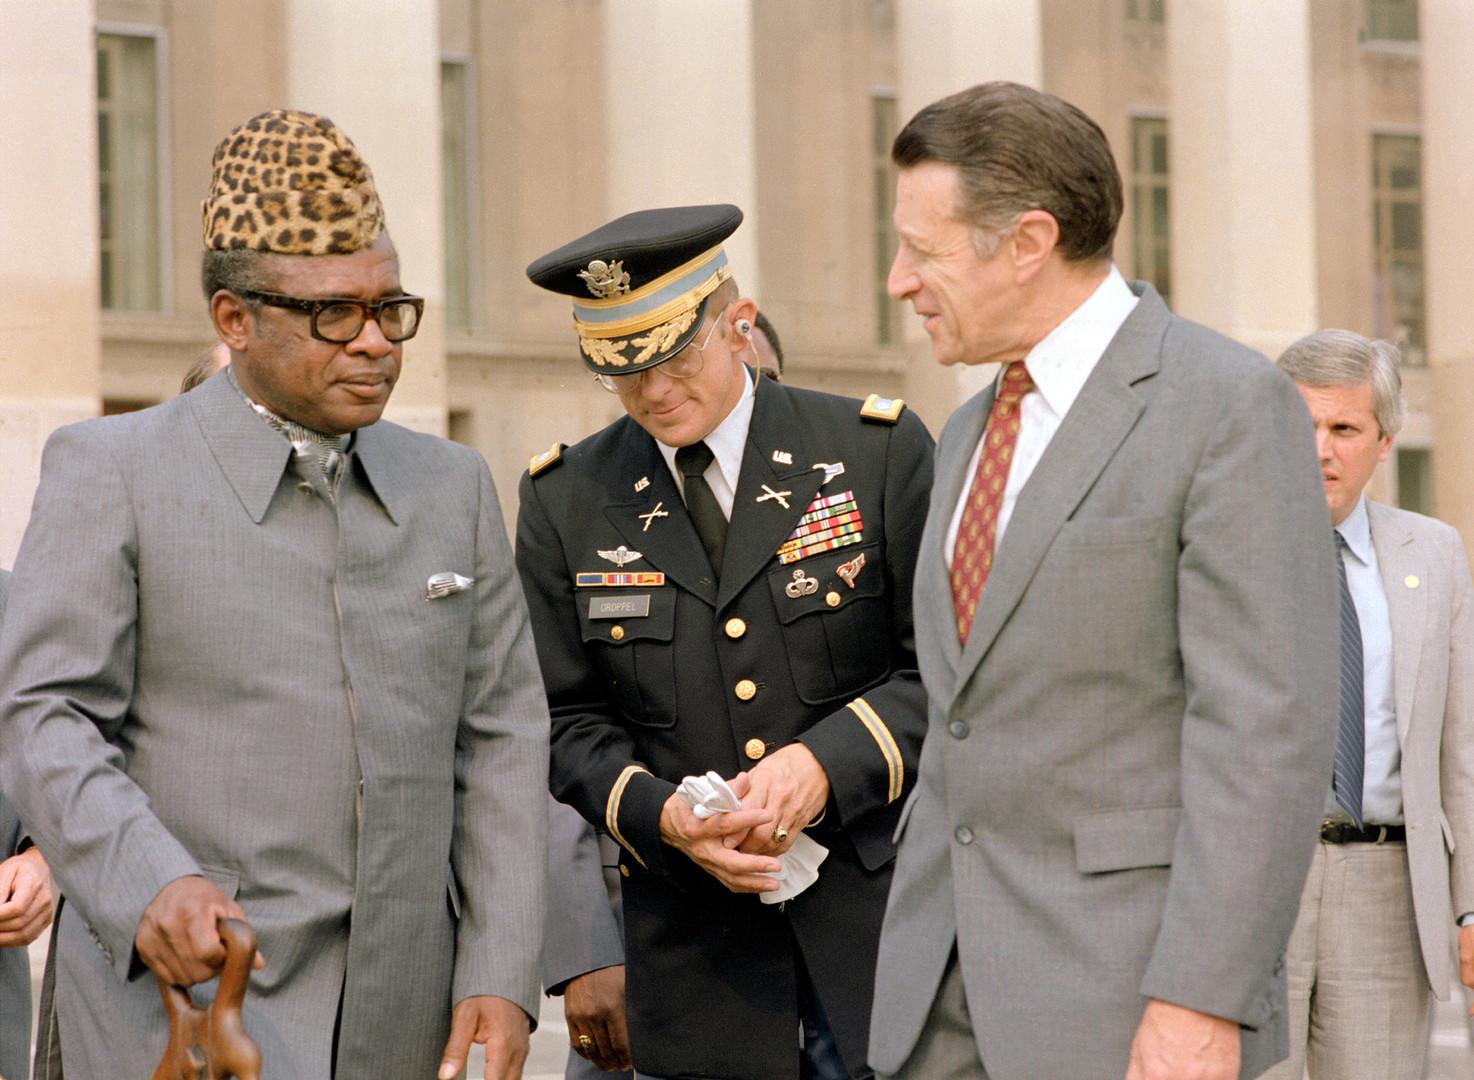 Министр обороны США Каспар Уайнбергер и Мобуту встречаются в Пентагоне, 1993 год.